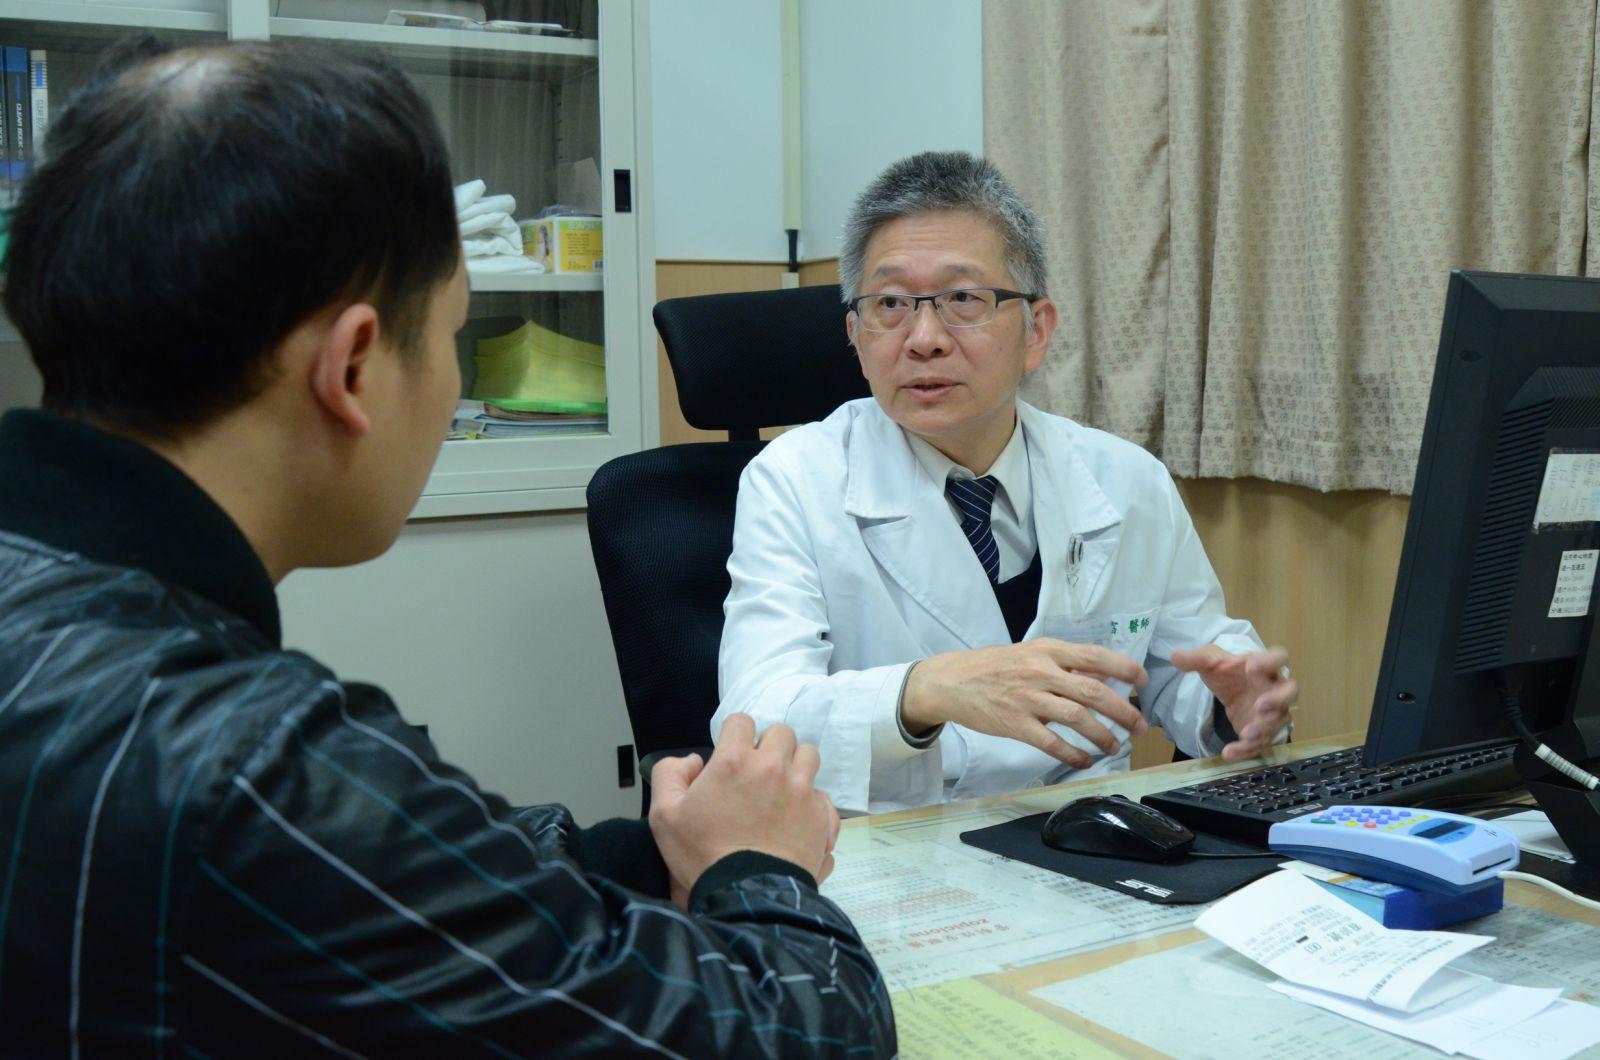 上圖:臺北慈濟醫院身心科李嘉富醫師問診